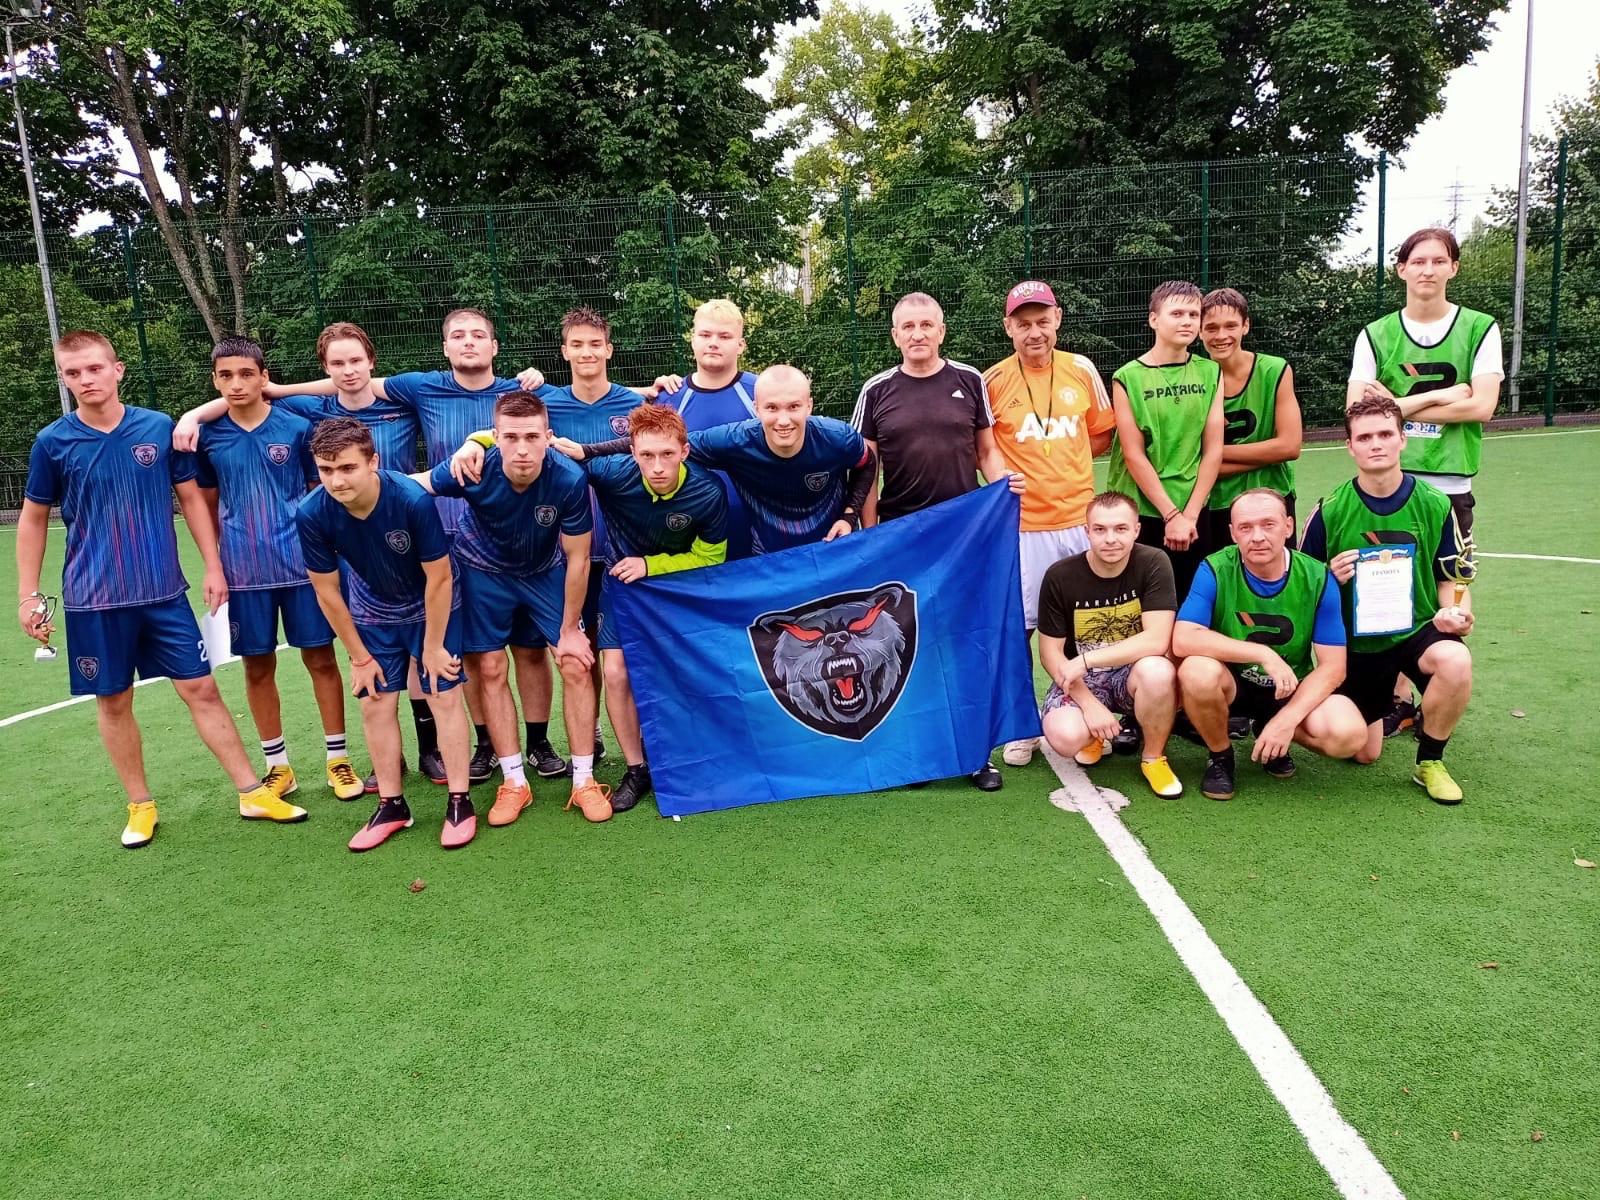 Футболисты спортивного клуба «Медведь» победили в матче среди молодежных команд